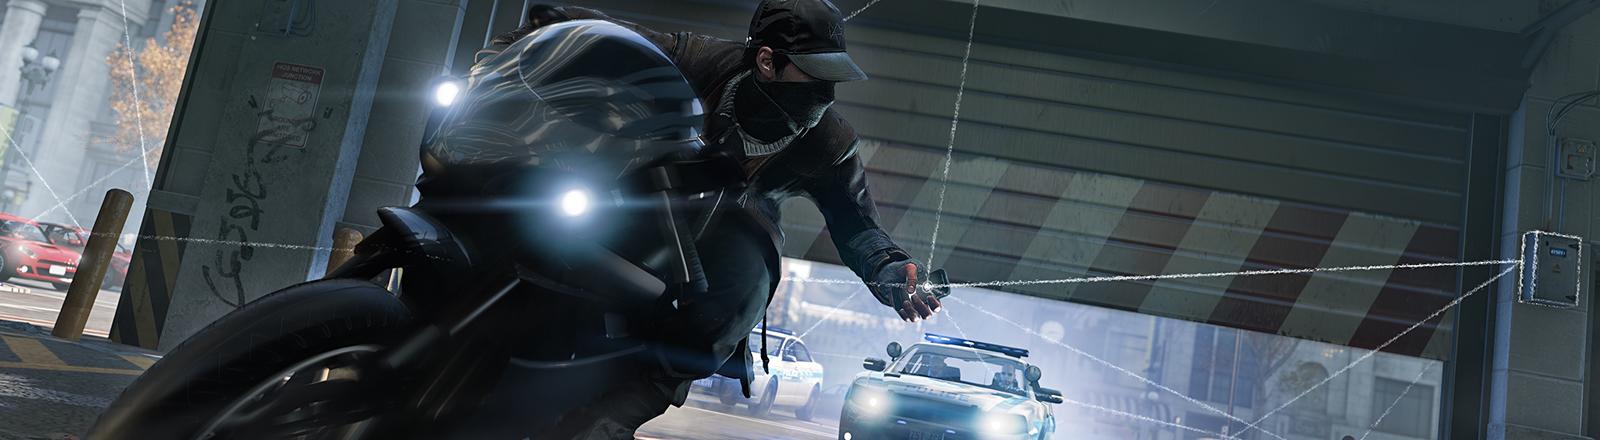 Szene aus Watch Dogs. Ein Mann auf einem Motorrad wird von der Polizei verfolgt. Er hat sein Handy in der Hand, das weiße Strahlen ausschickt.